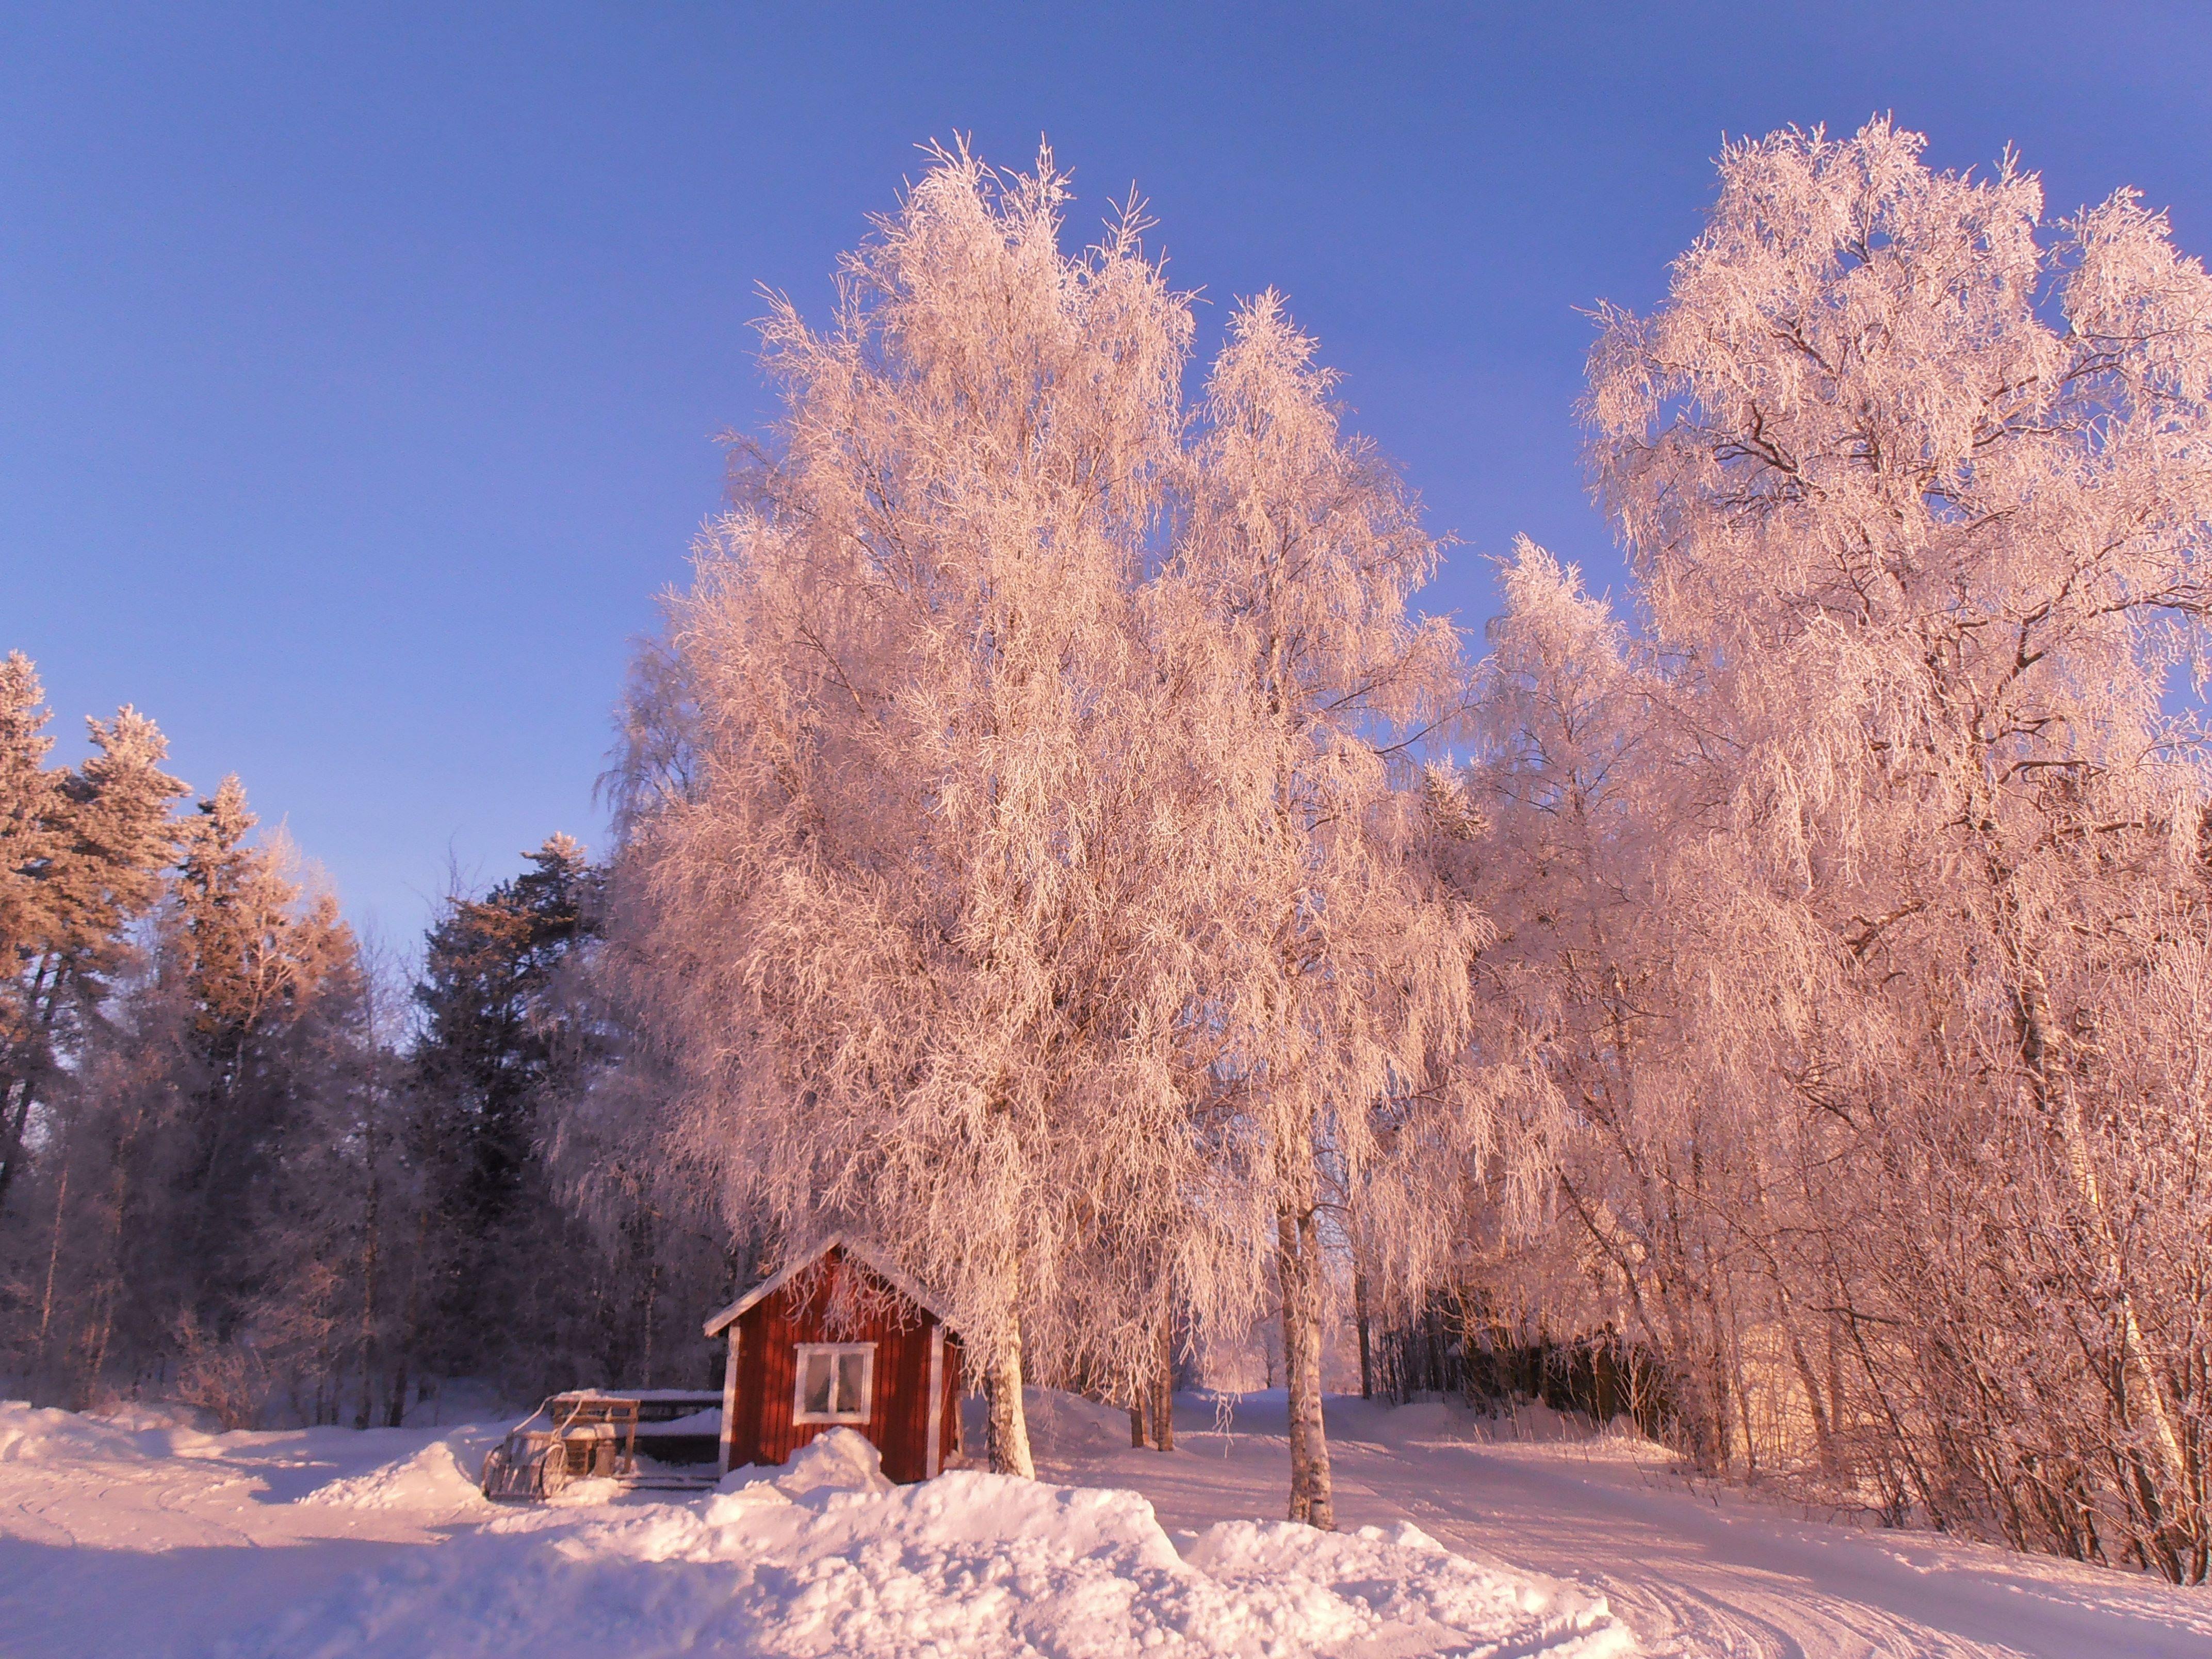 Frosty winter day here in Oulu.